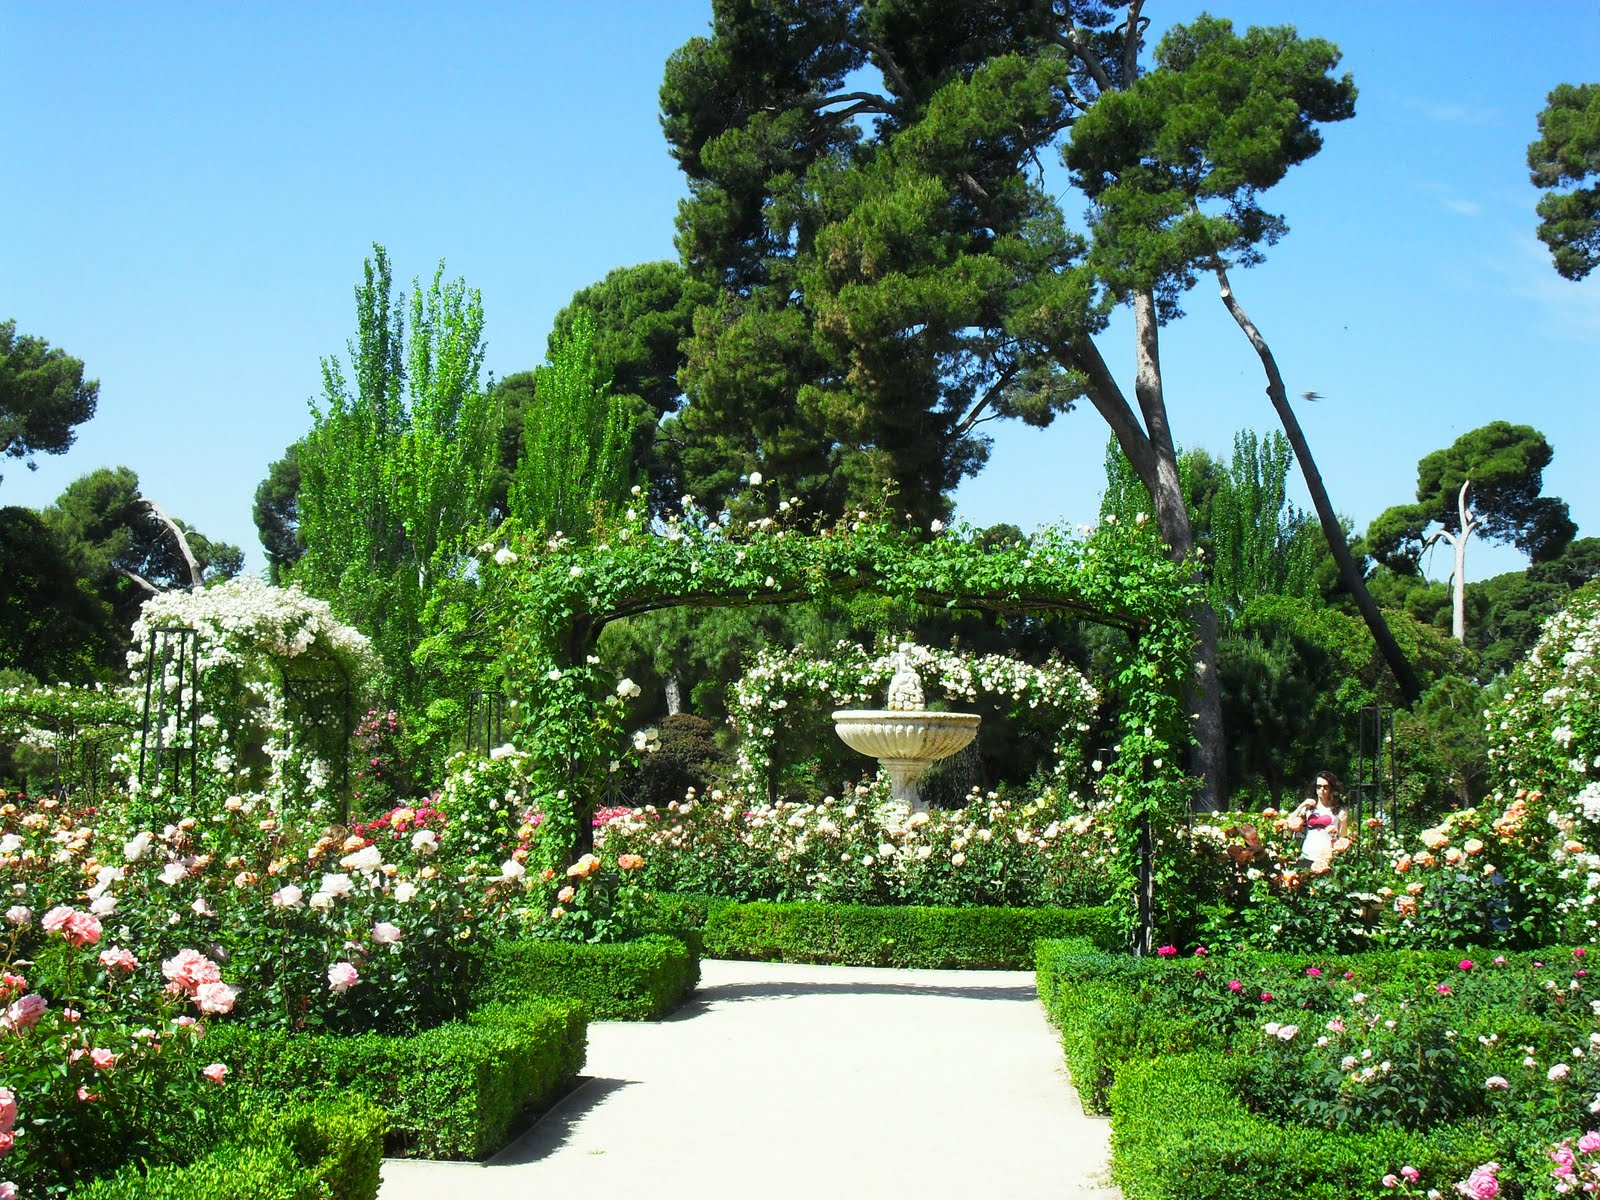 Arte y jardiner a rosaleda jard n del retiro en madrid for Paginas de jardineria